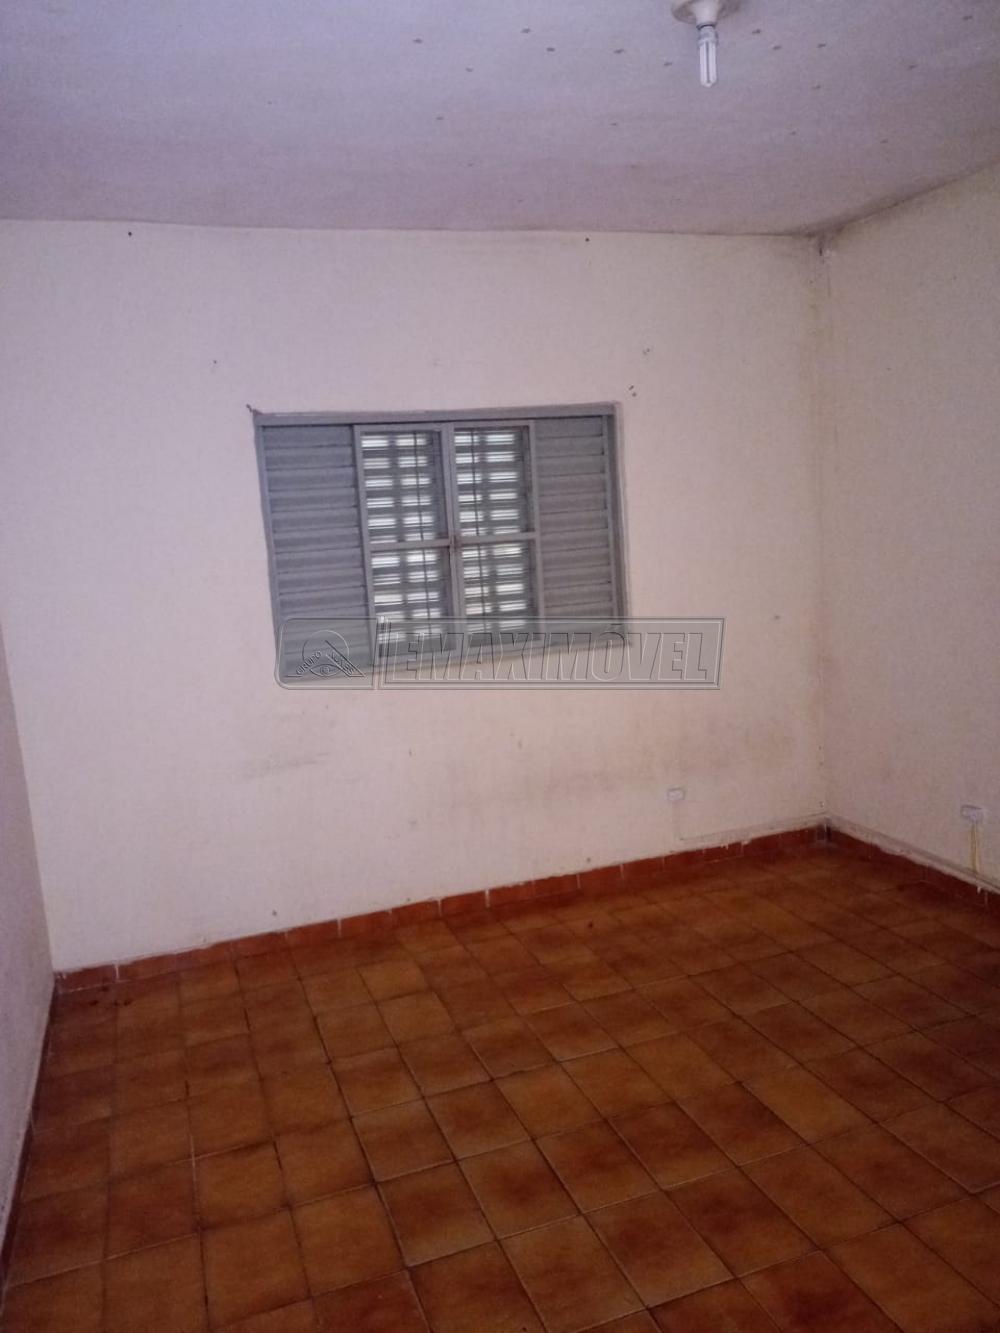 Comprar Casas / em Bairros em Sorocaba R$ 130.000,00 - Foto 8